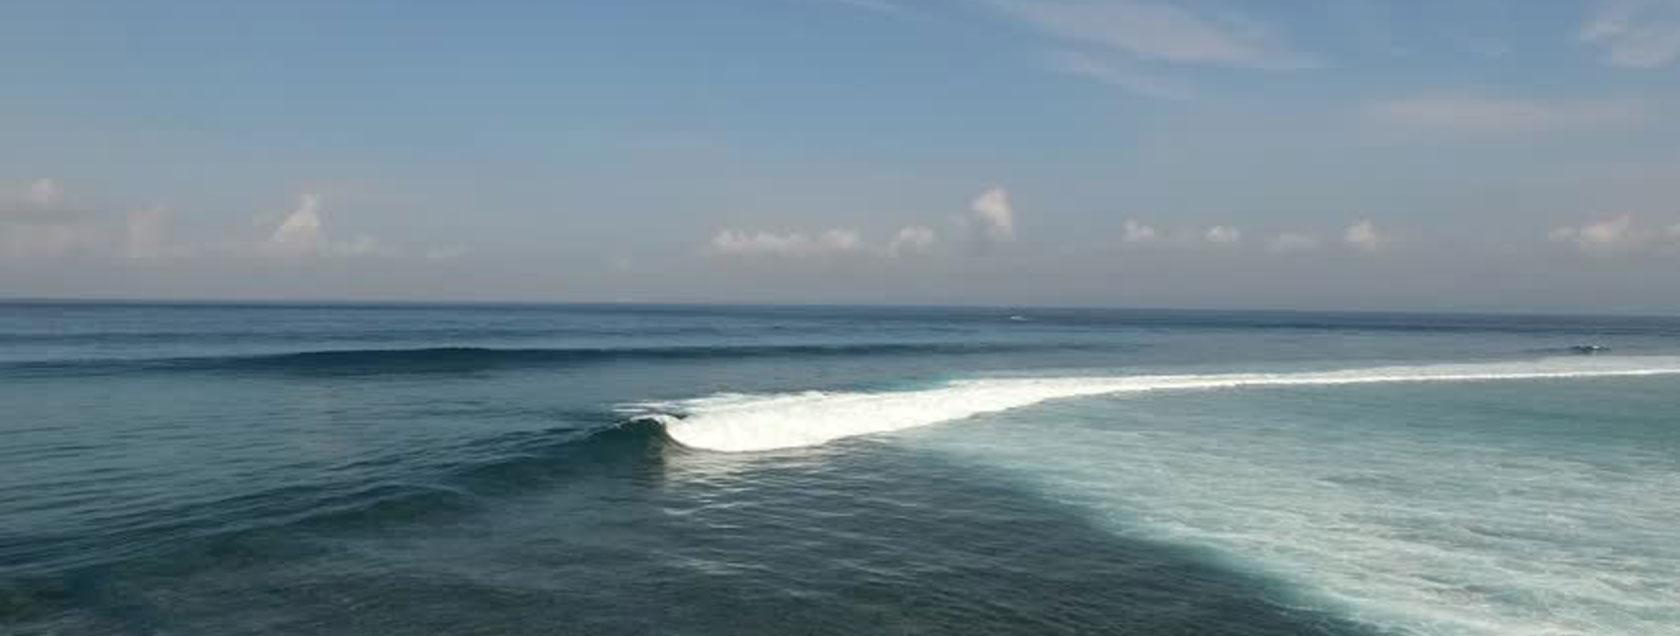 Shipwreaks - Surfing Lembongan